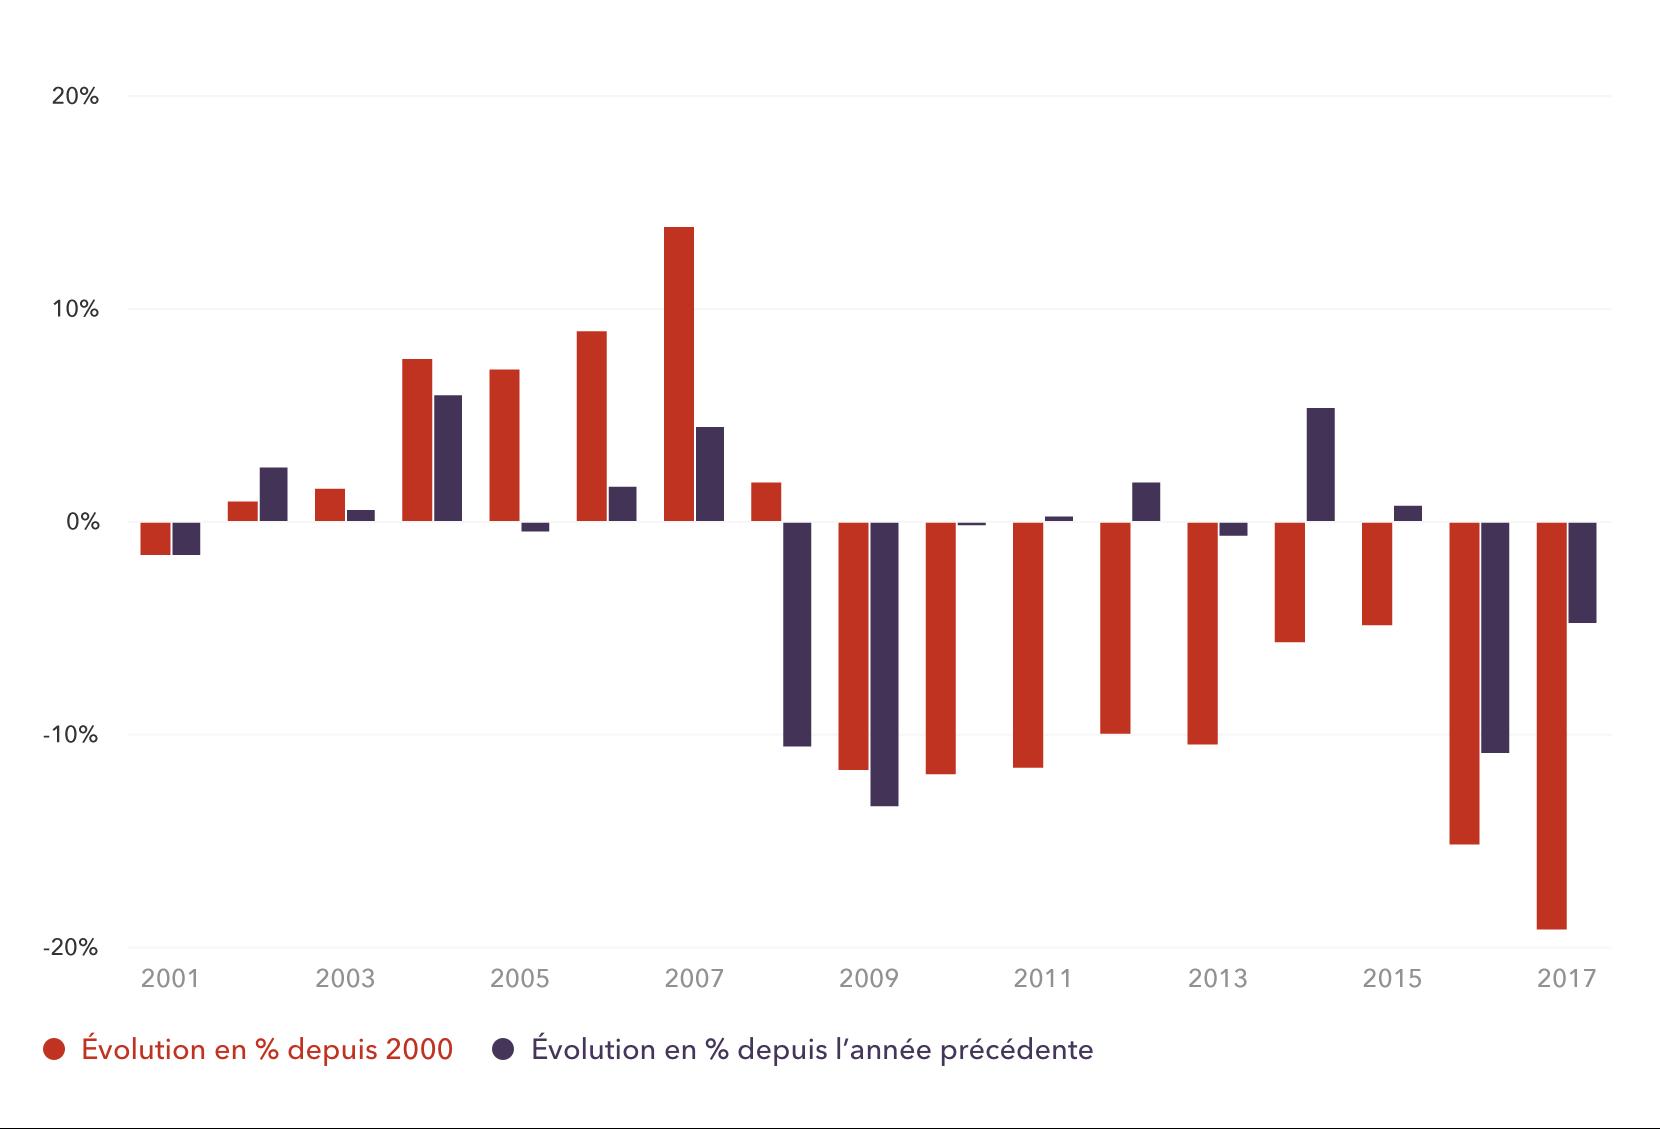 Variations de la valeur de la livre sterling (GBP) depuis 2000